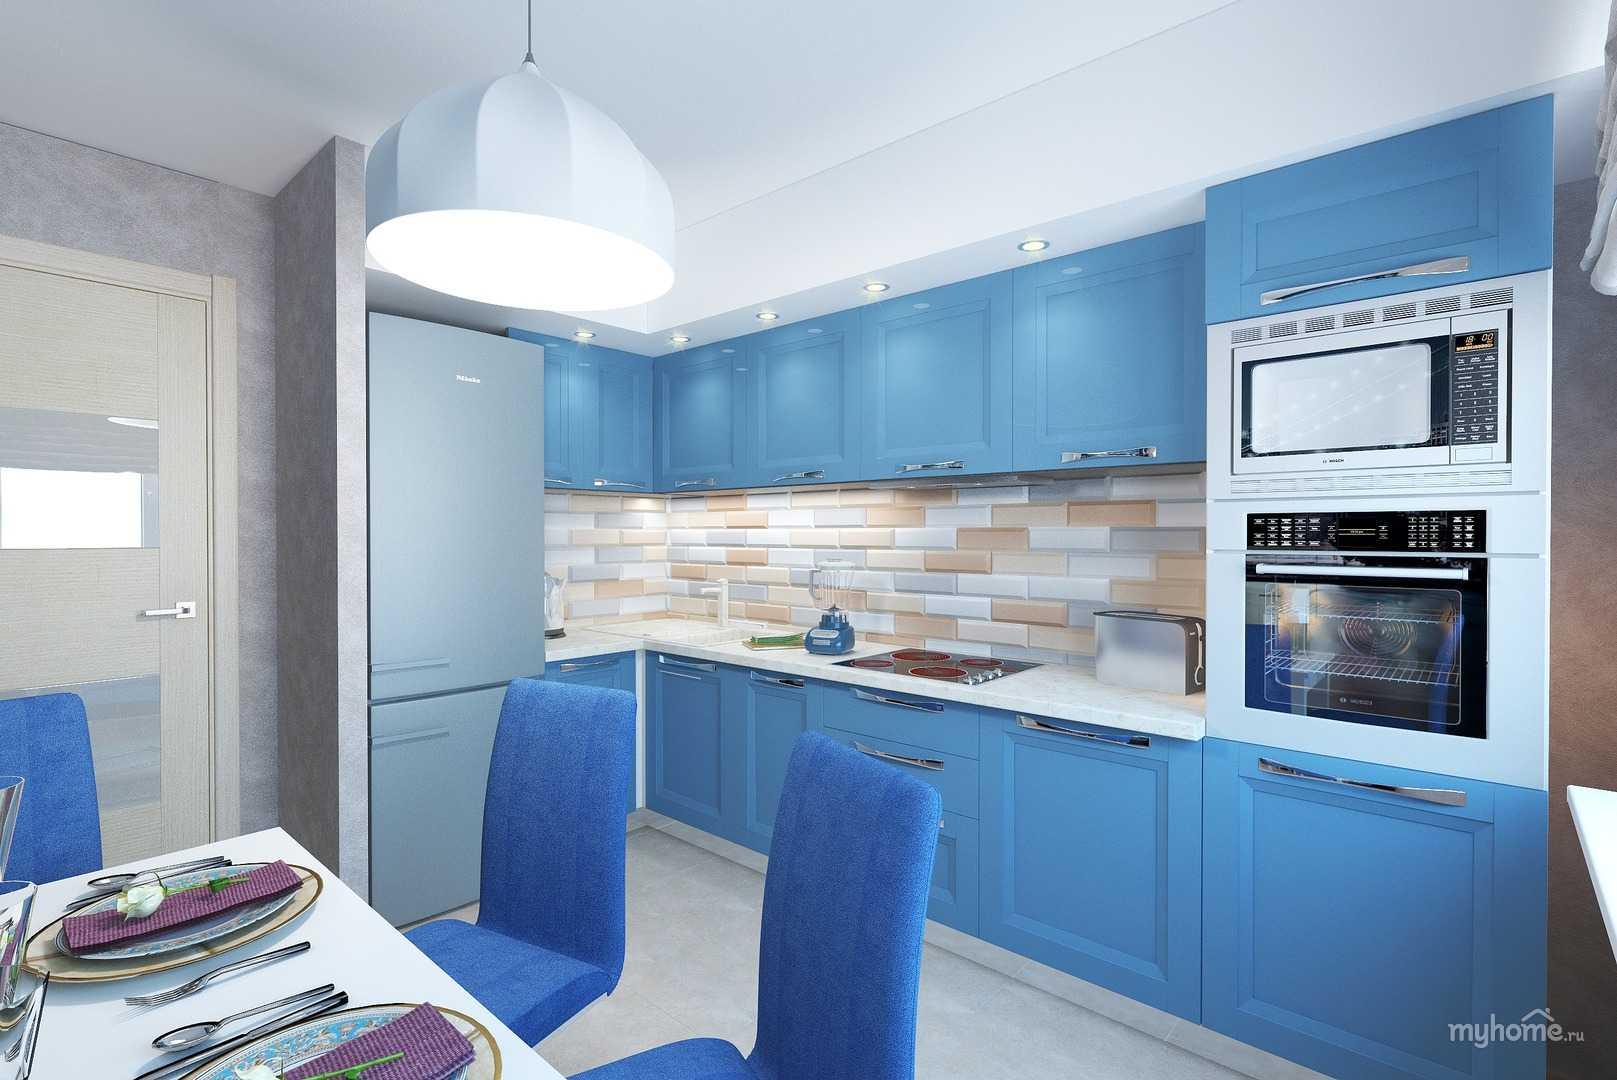 дизайн кухни в синих тонах фото задача запада оторвать